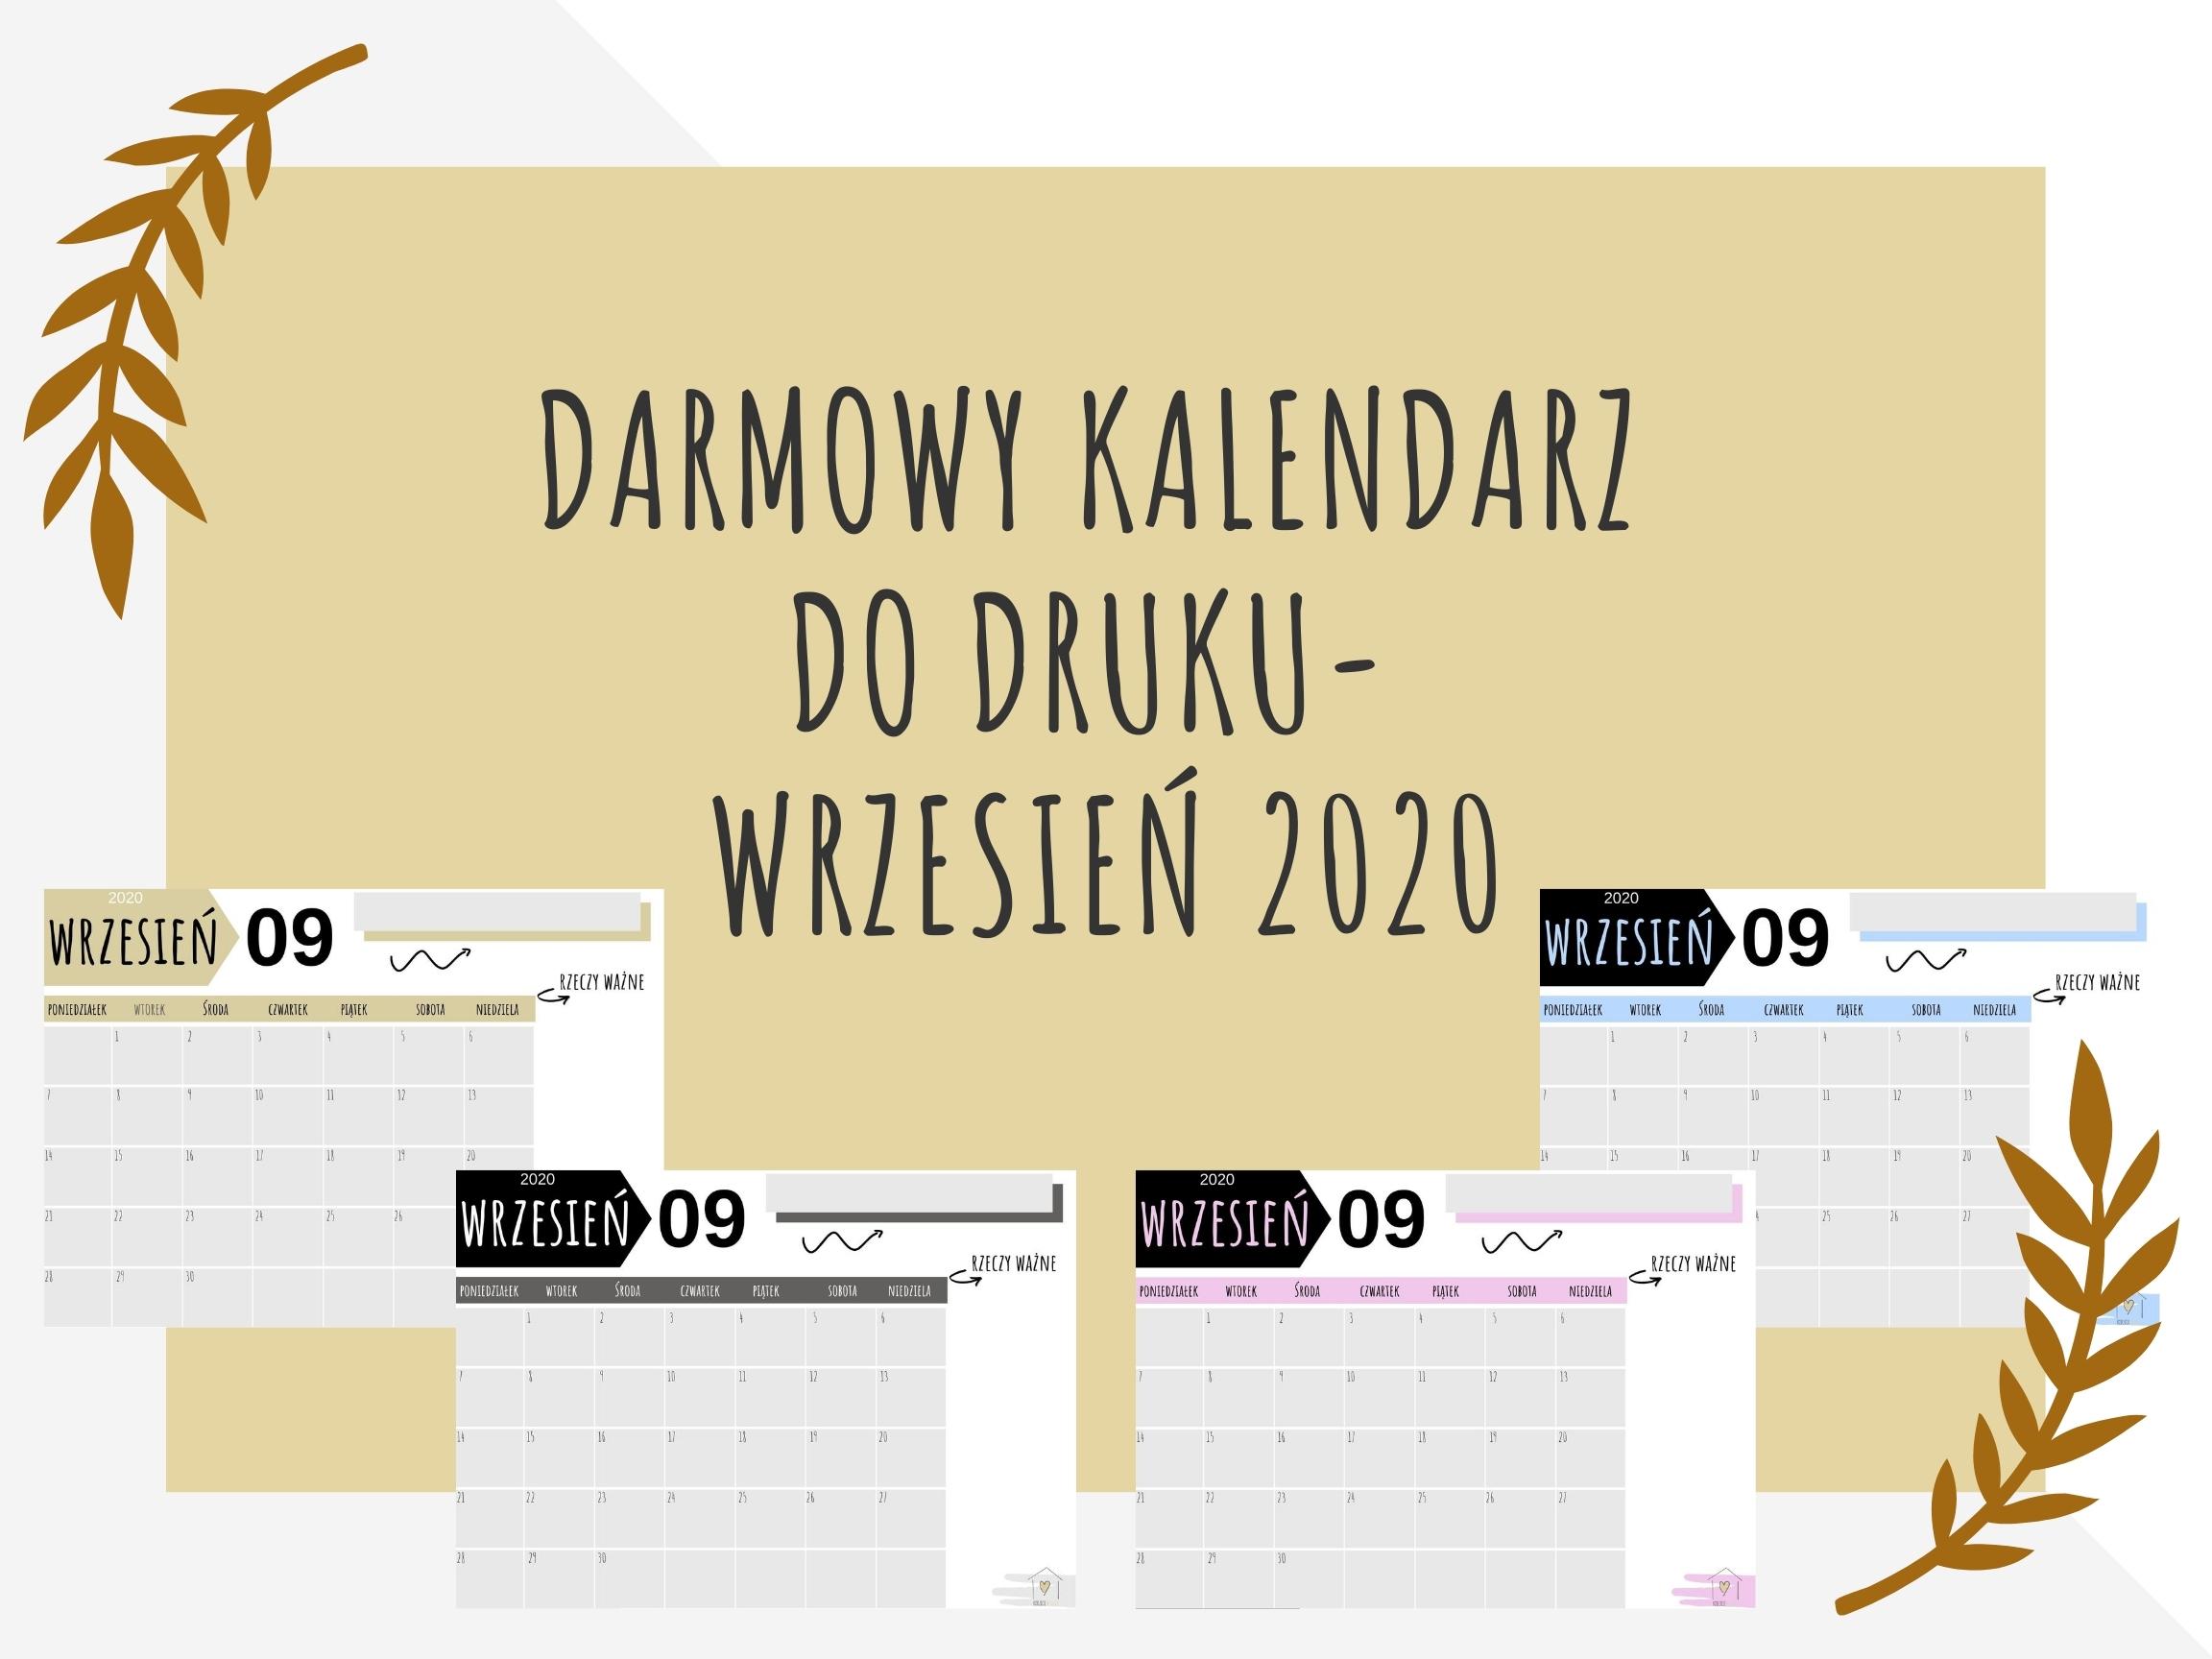 Darmowy kalendarz DO DRUKU- WRZESIEŃ 2020